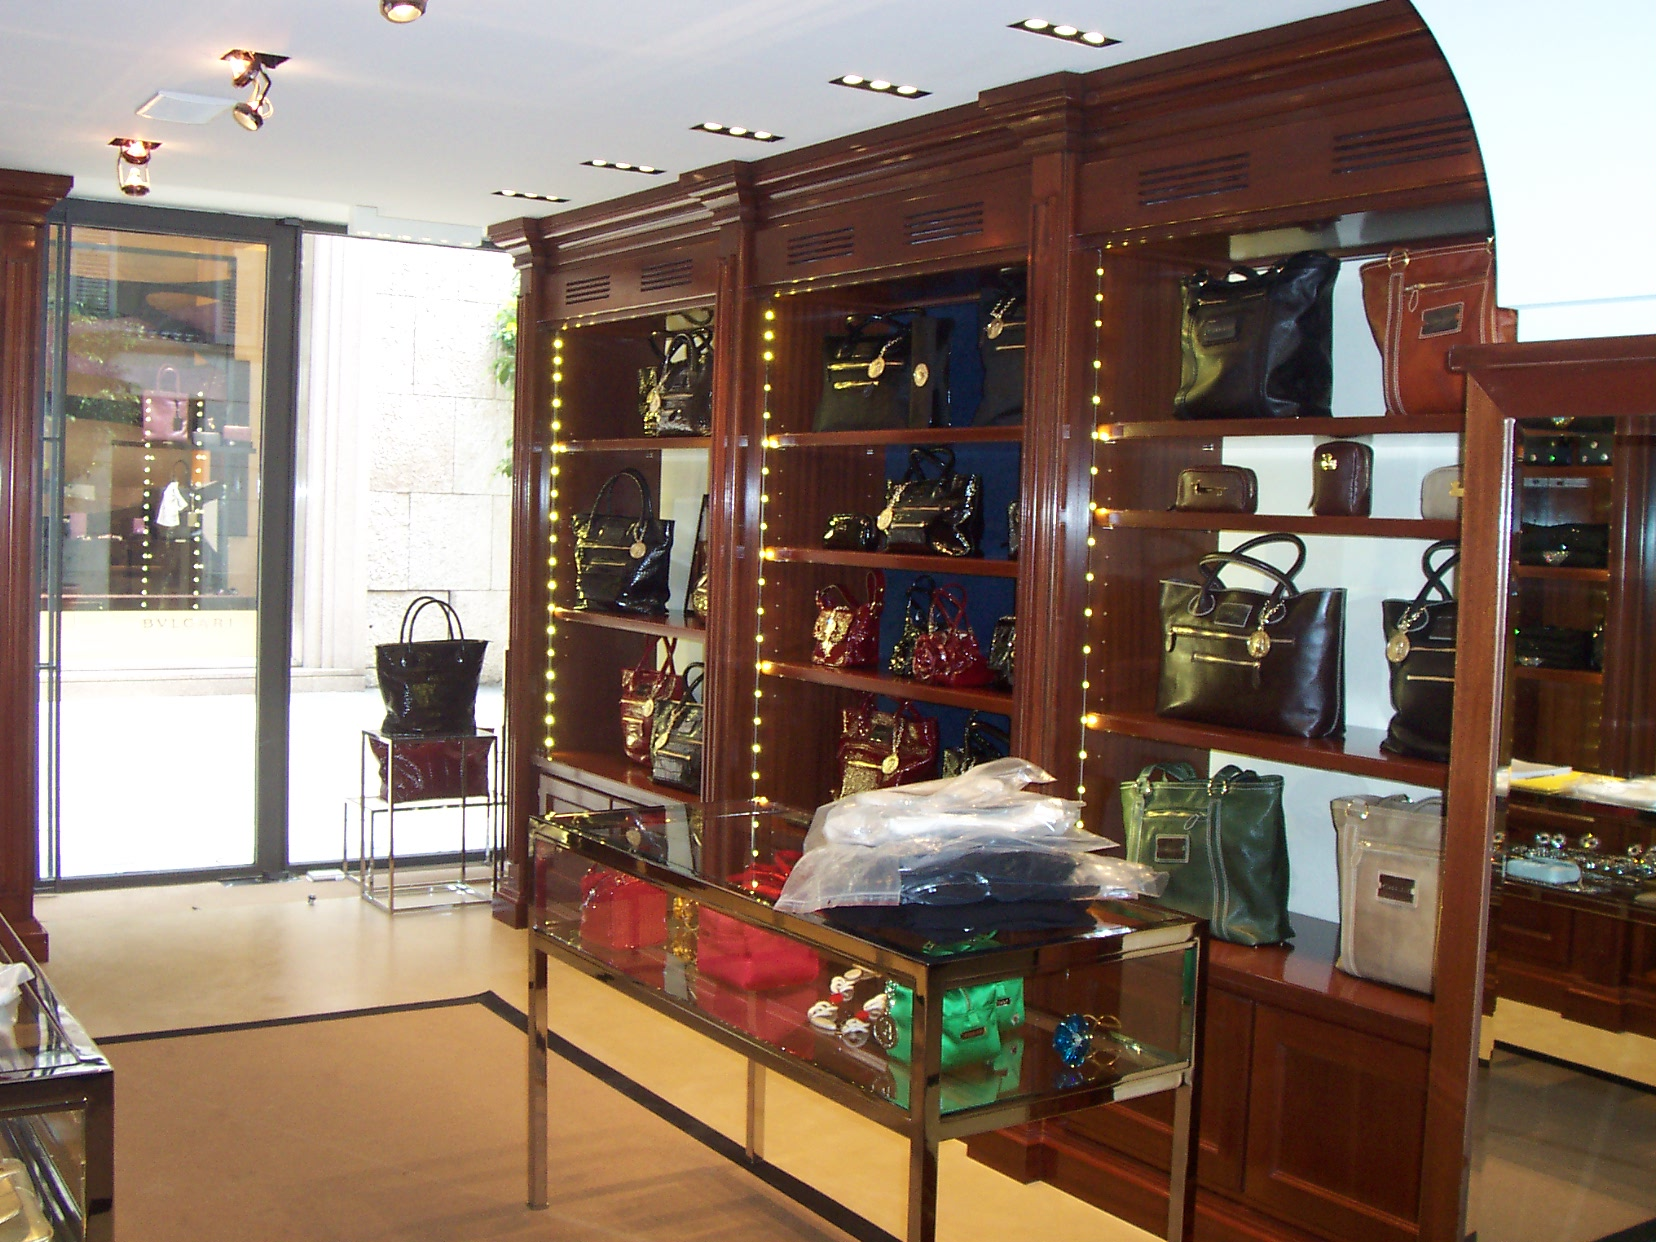 Arredamento Negozi In Legno : Arredamento per negozio in legno. fadini mobili cerea verona